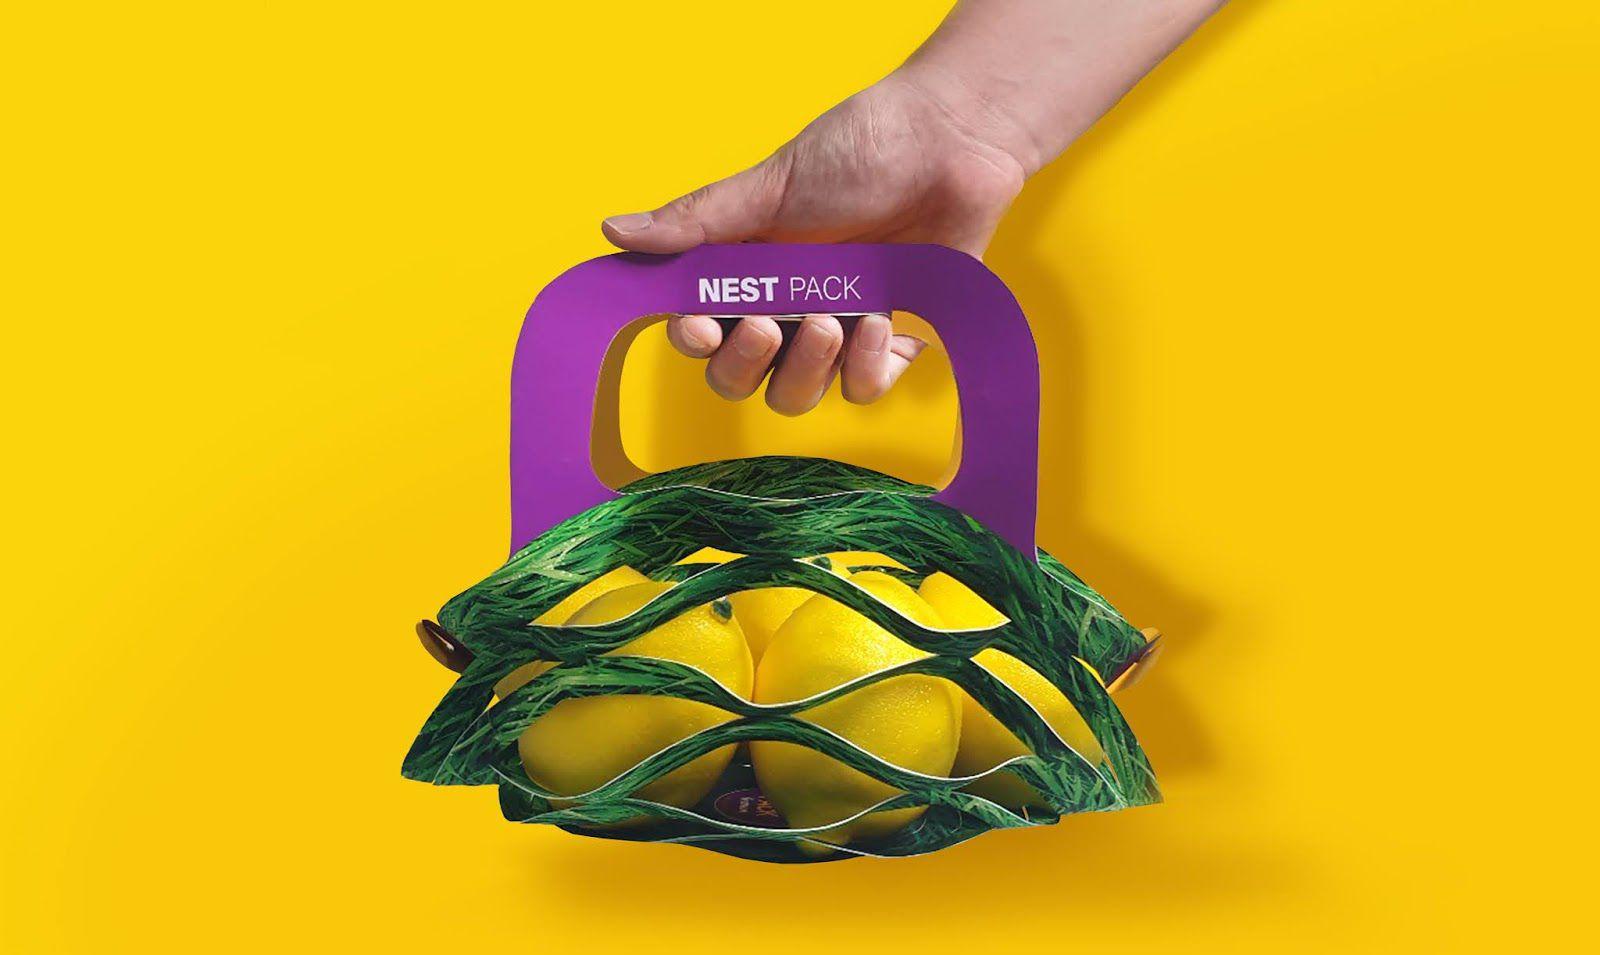 """""""Nest pack"""" (panier de fruits éco-responsable) I Design (projet étudiant) : jo hui JUNG (kyonggi University), Corée du Sud (juillet 2020)"""